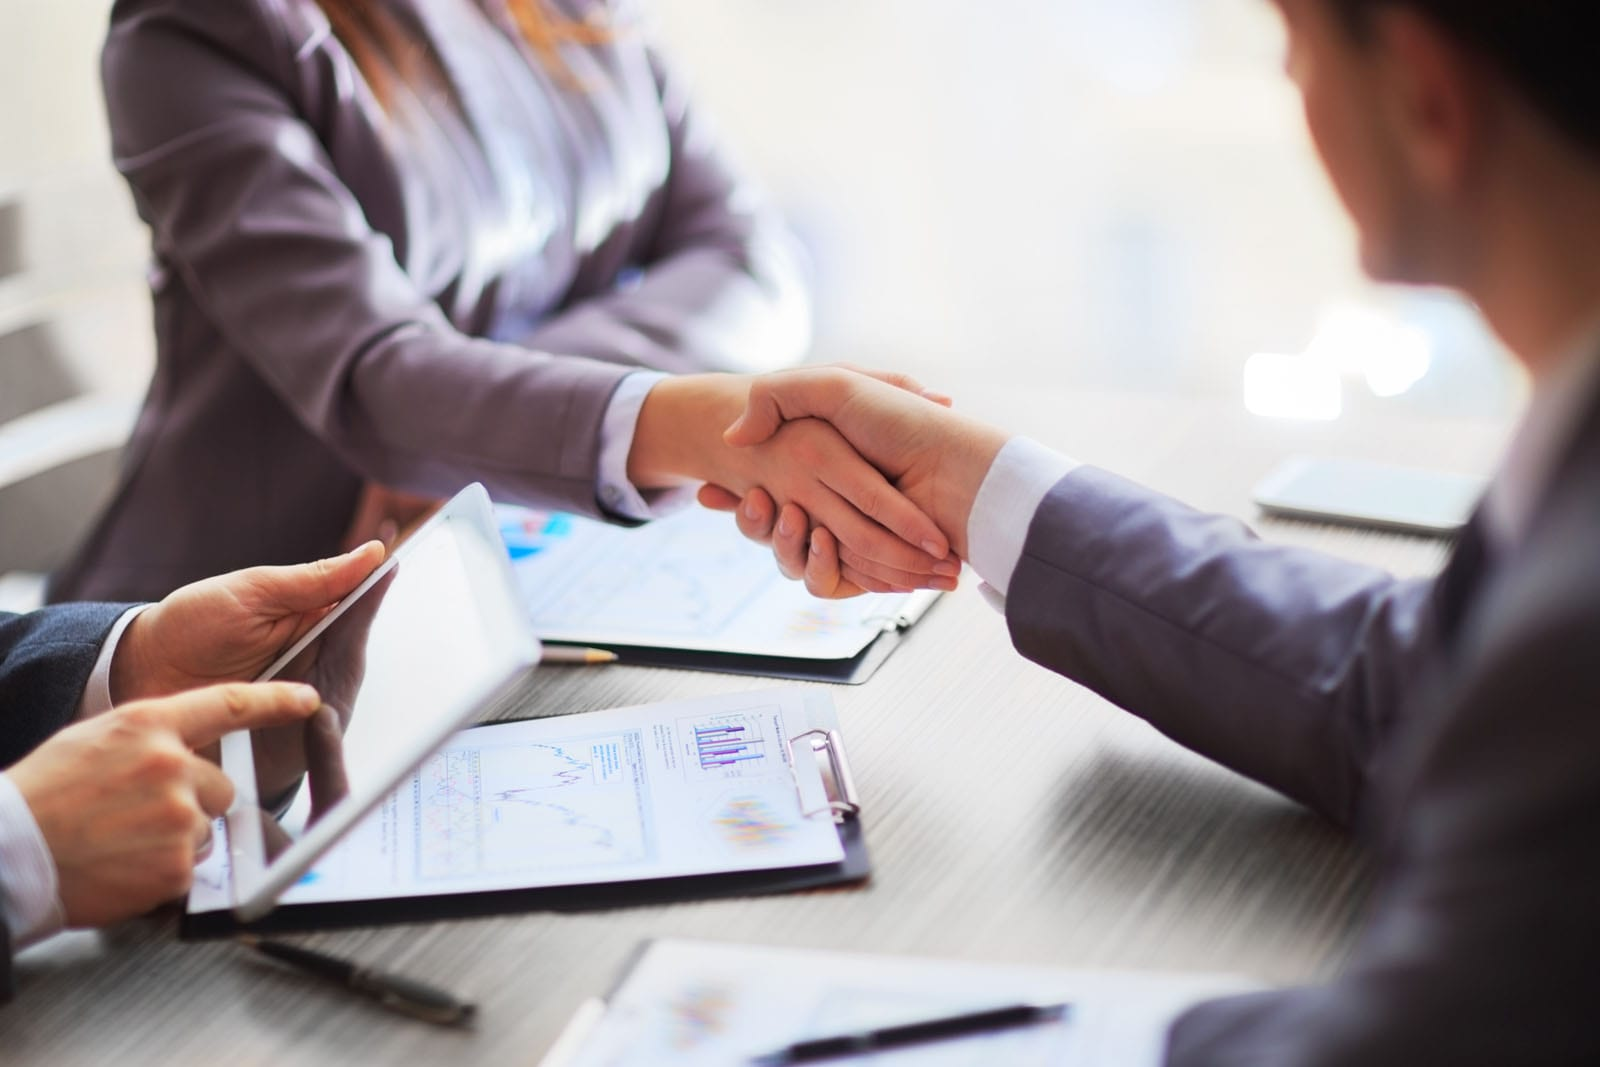 مهارات الأكثر طلباً في سوق العمل